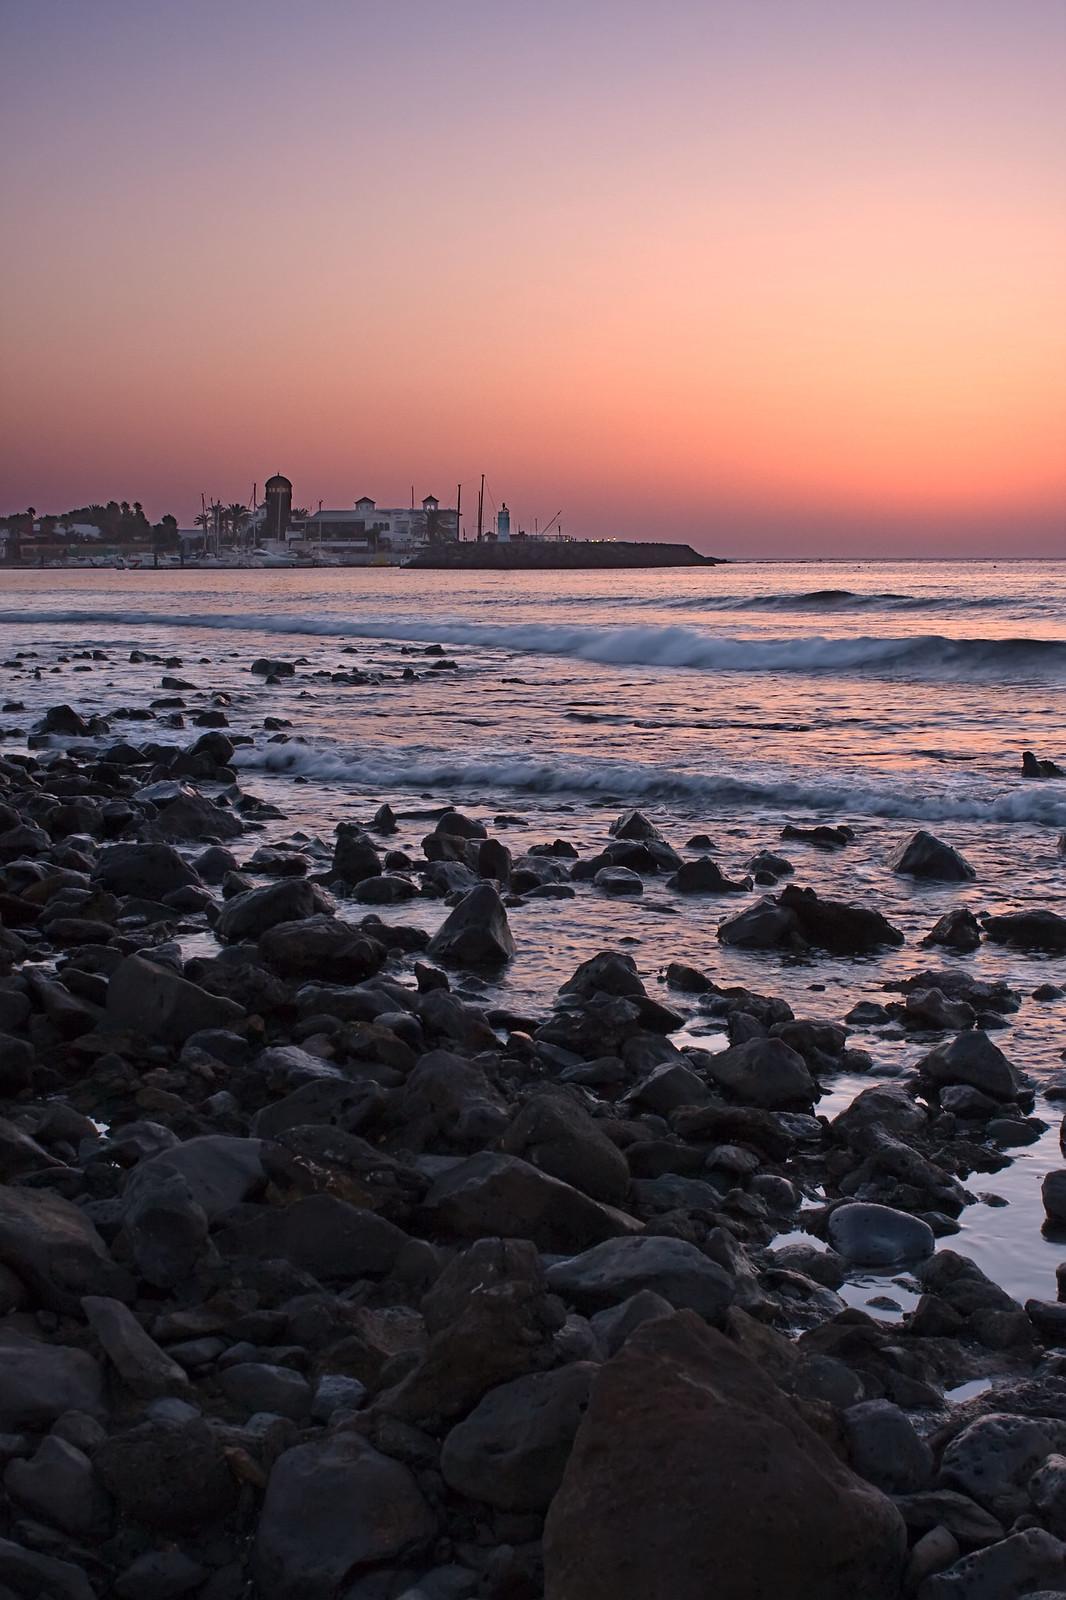 - Amanecer en Caleta de Fuste -  Fuerteventura